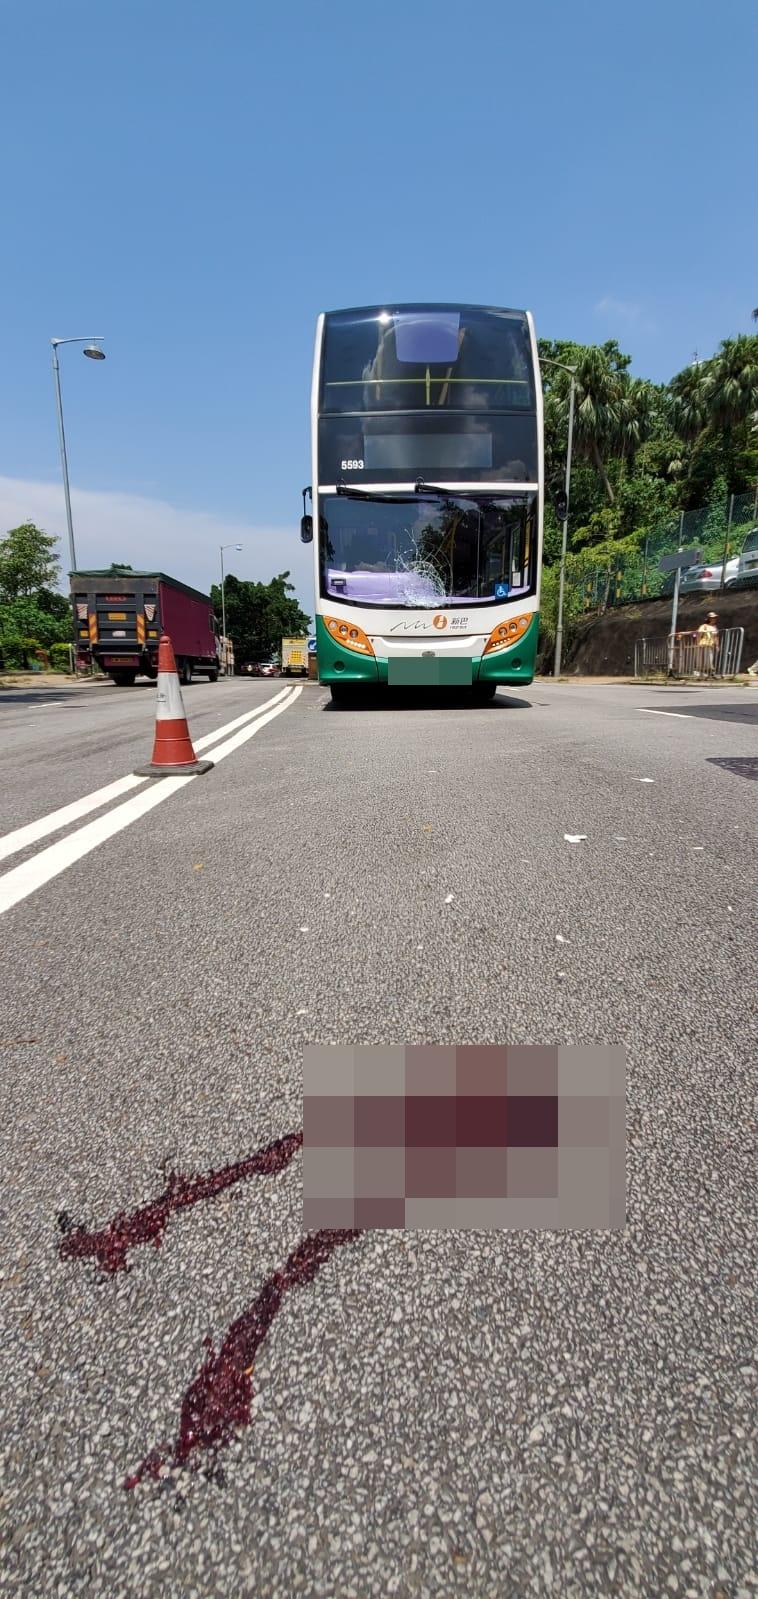 女子被新巴撞飛,地上留下血迹。 楊偉亨攝